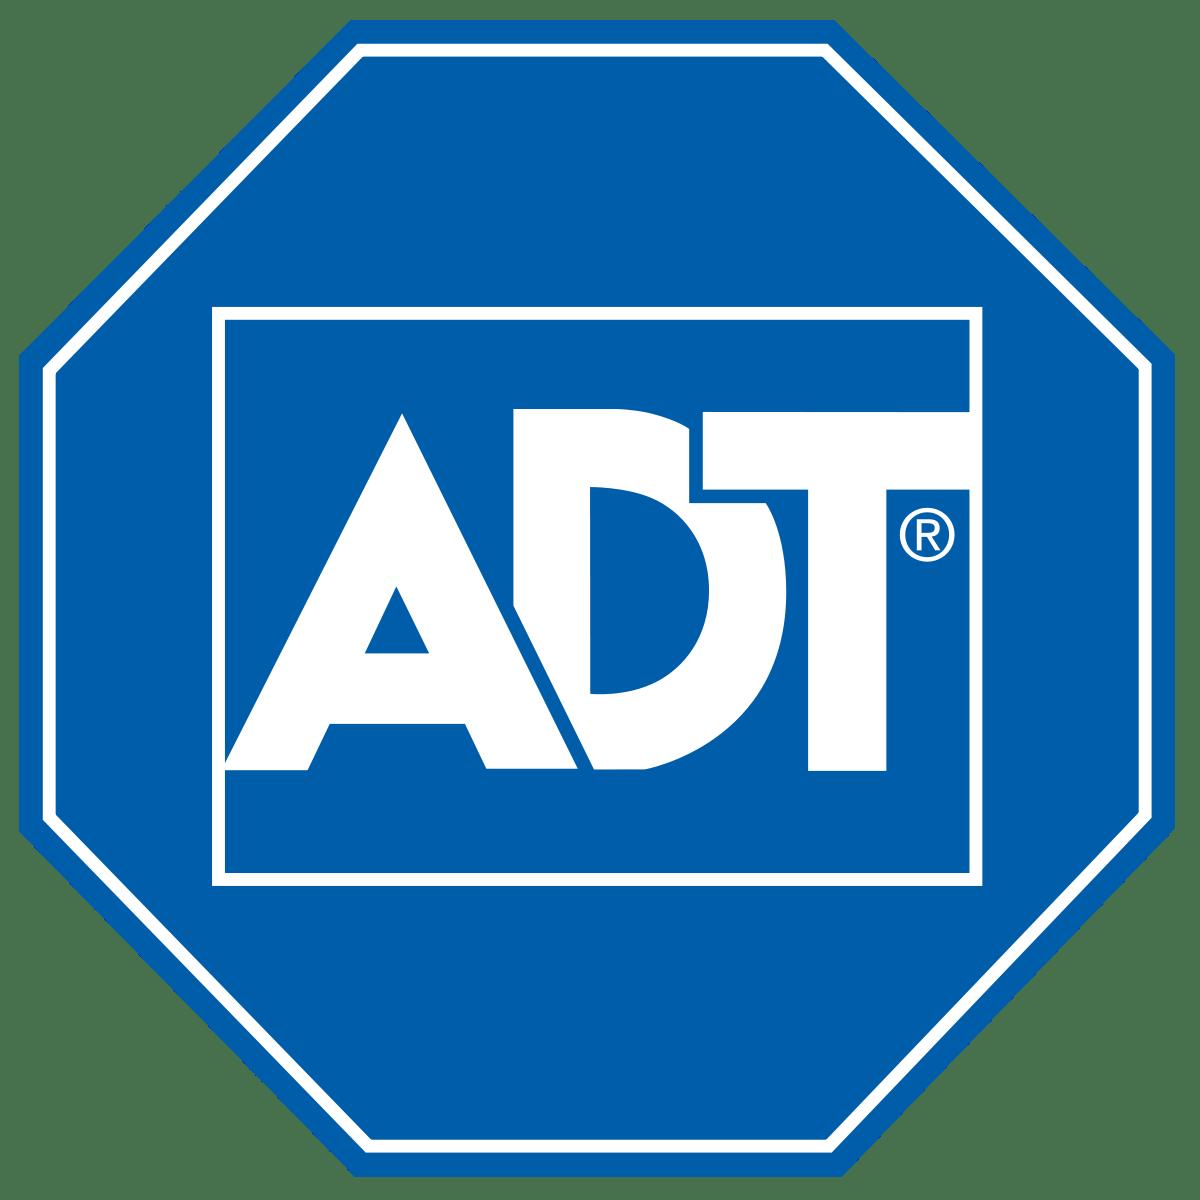 adt_logo